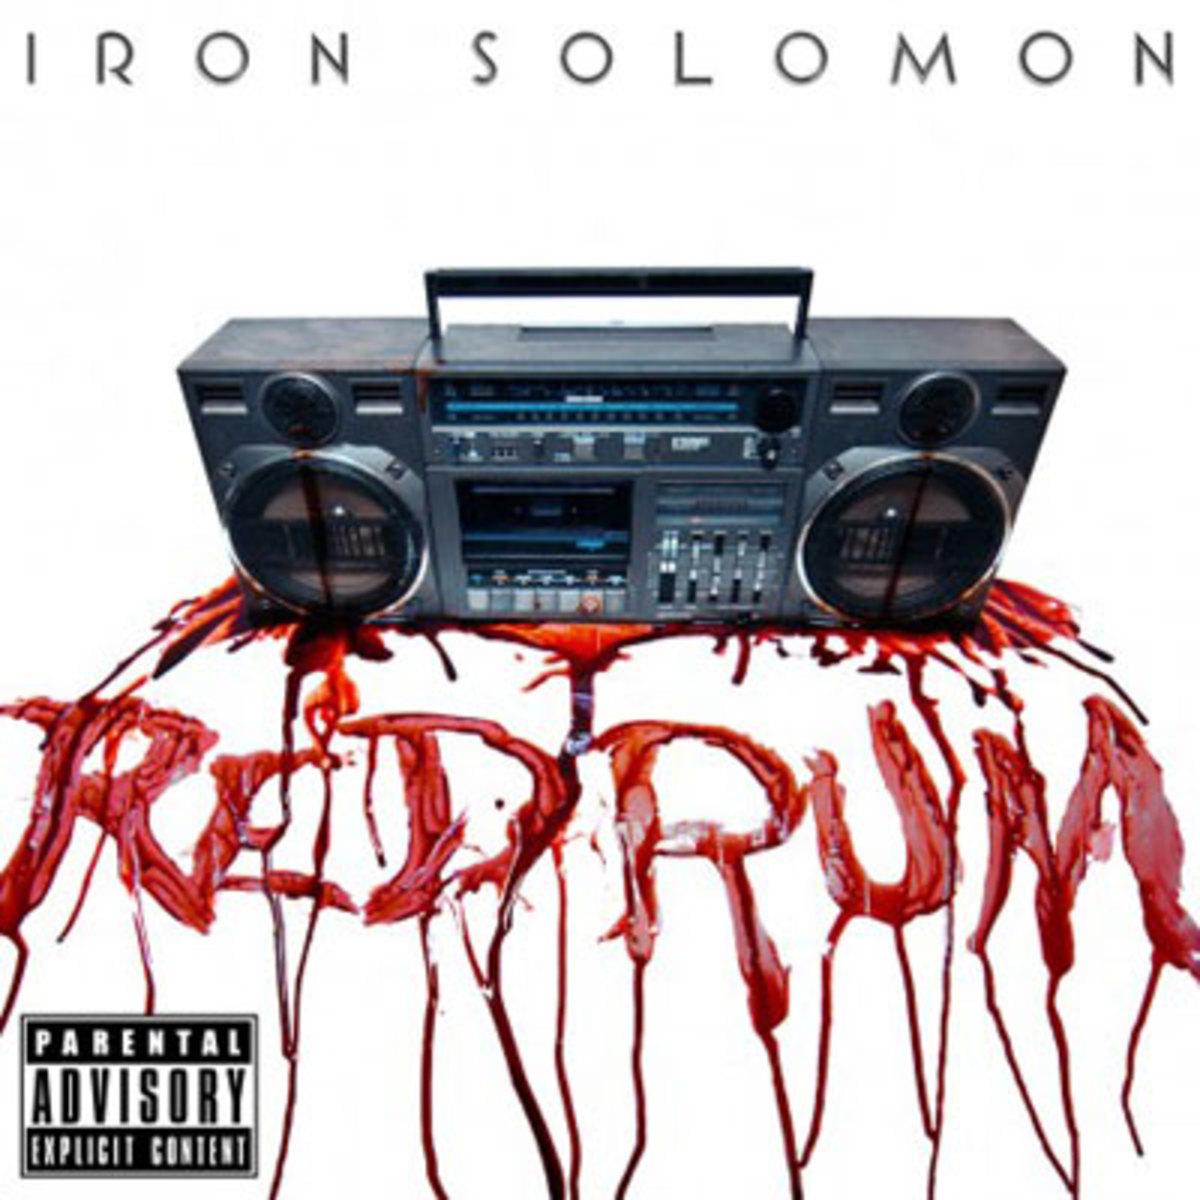 ironsolomon-redrum.jpg